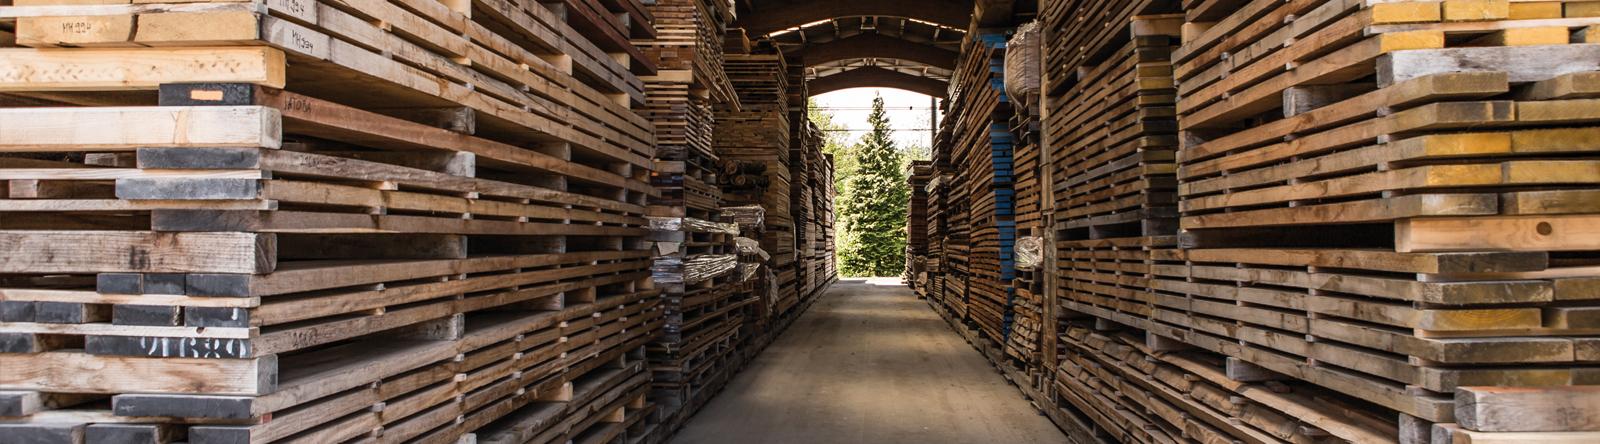 Holzhandel4